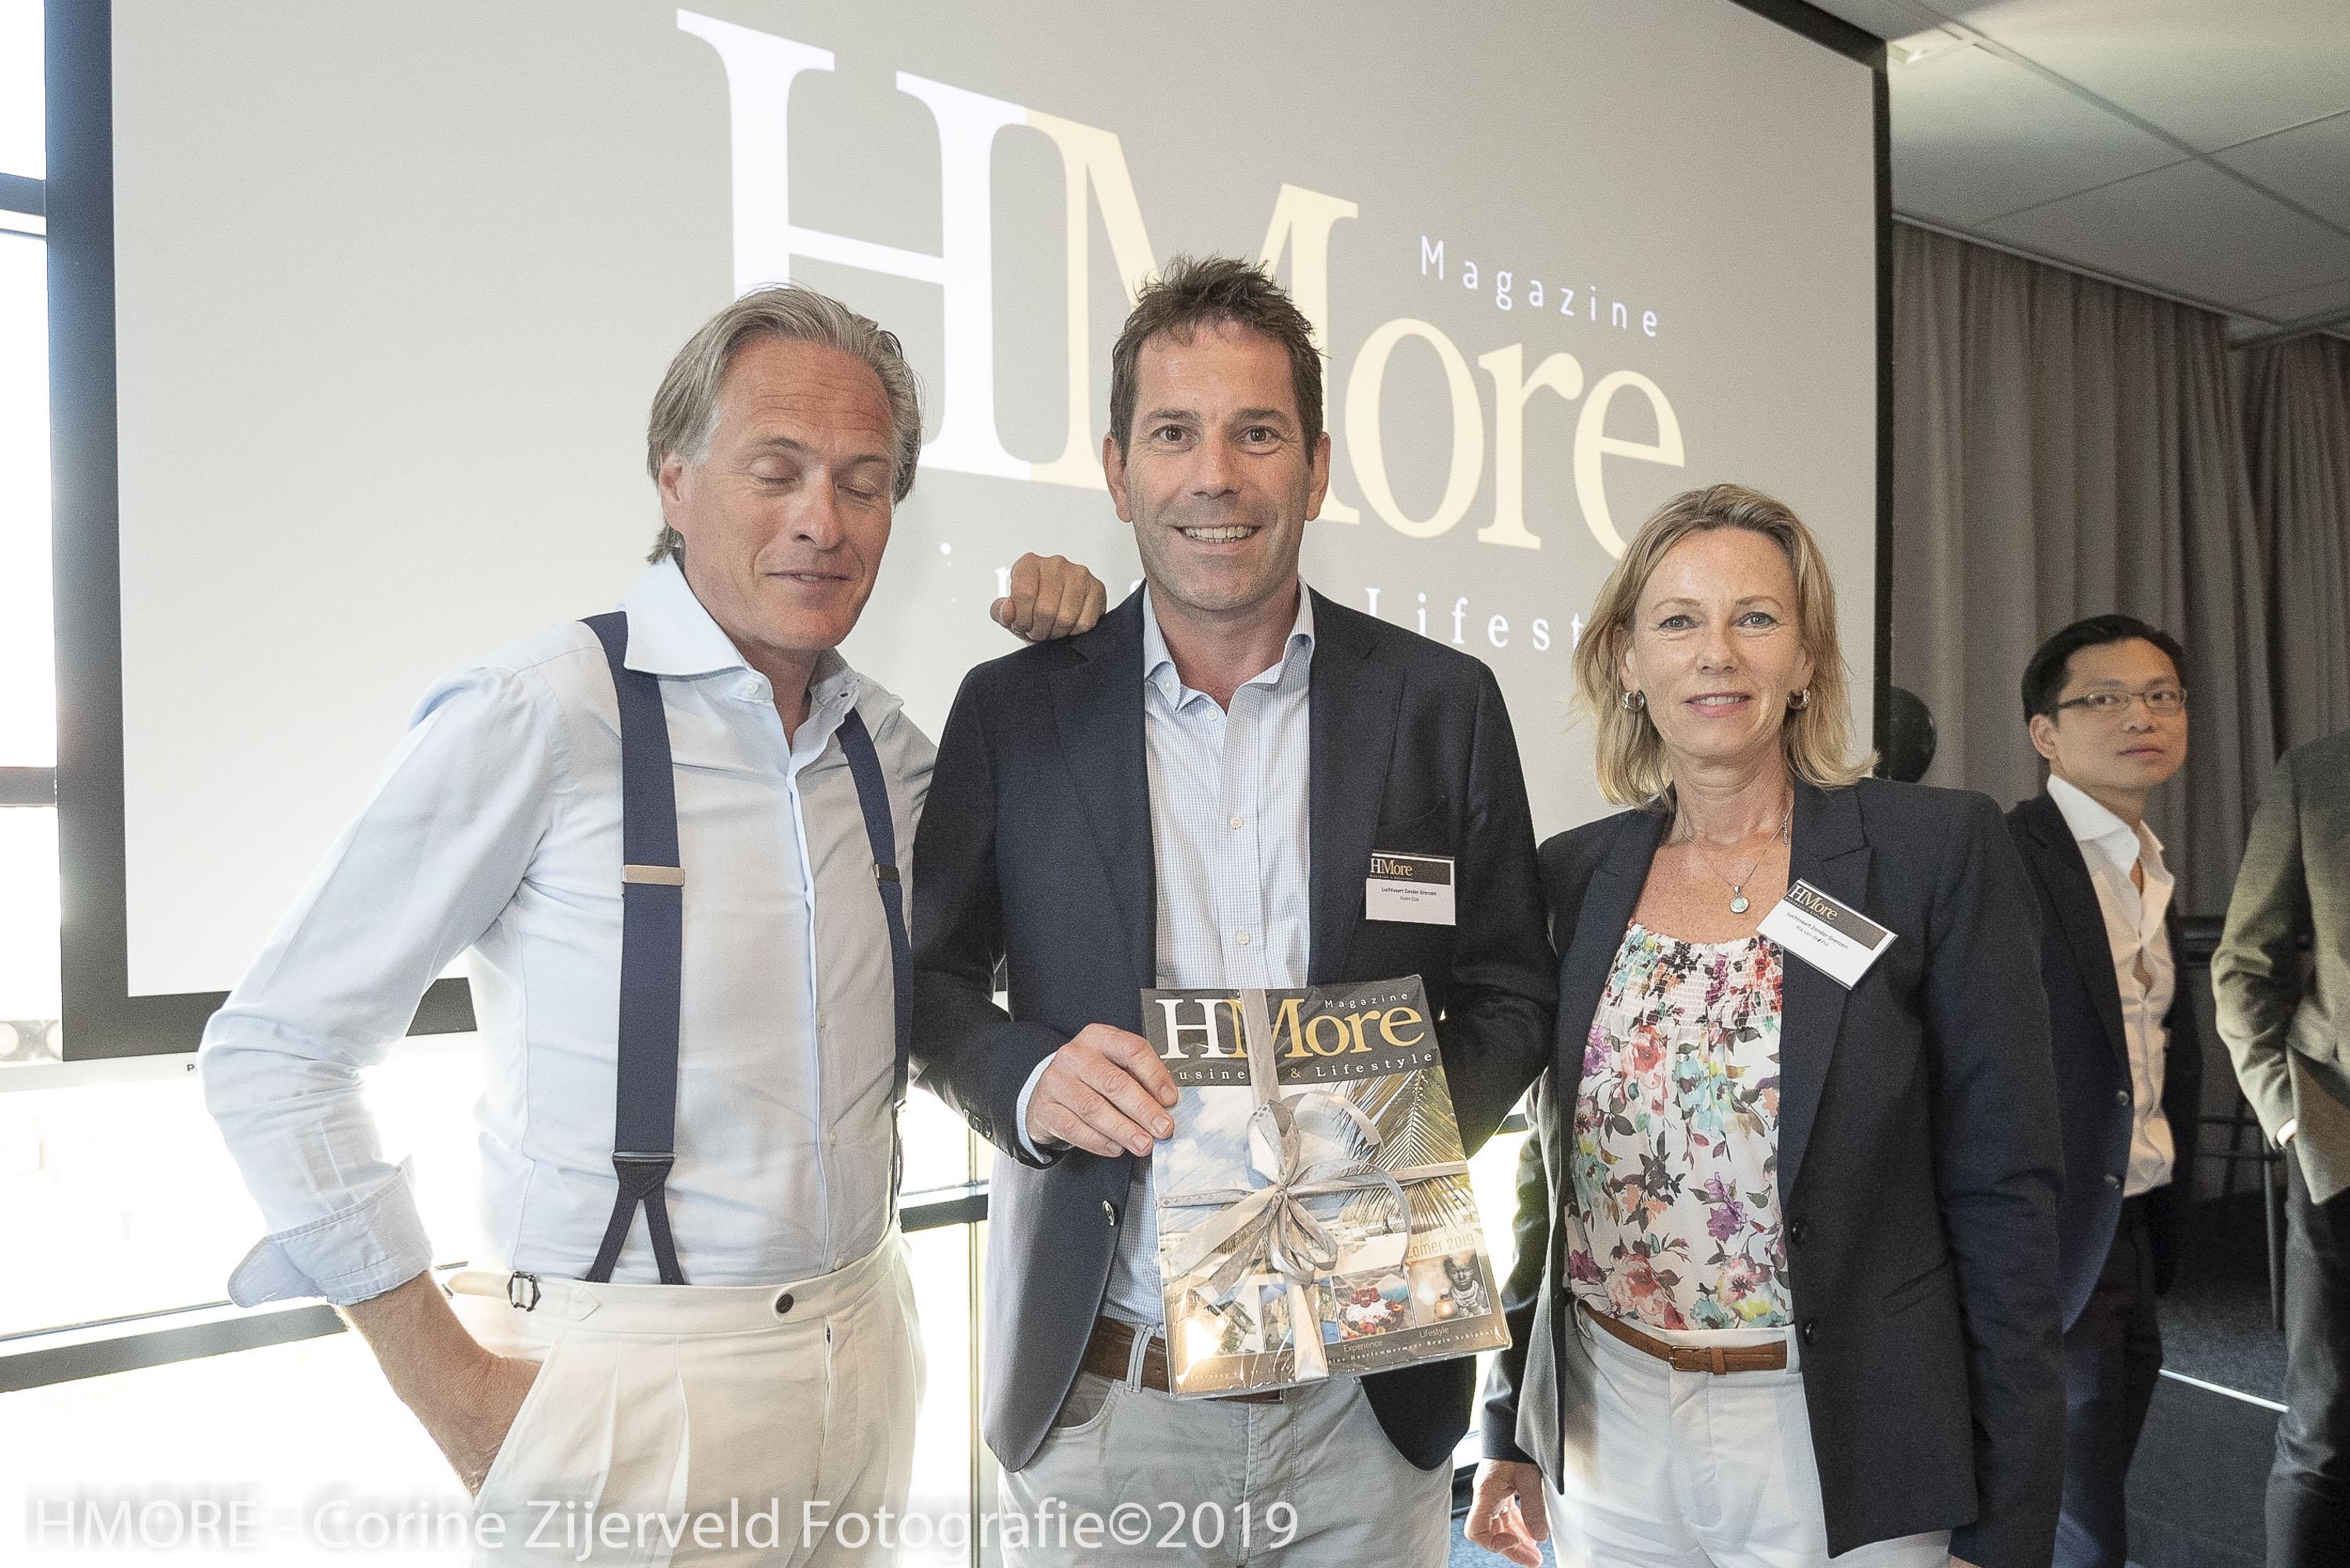 Verbinding LZG en De Boer Advies & Notariaat in Hmore magazine